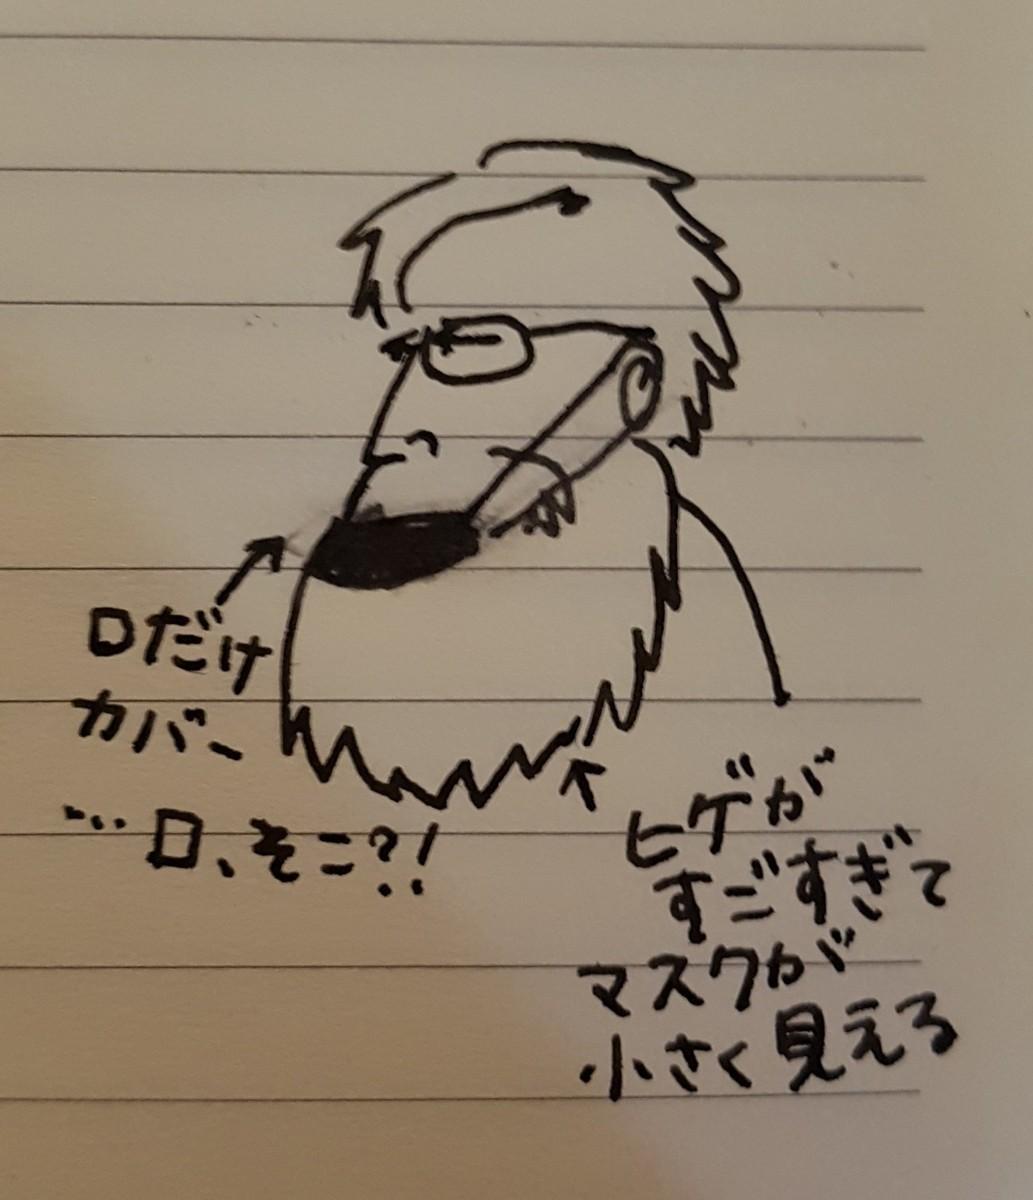 f:id:Marichan:20200811023131j:plain